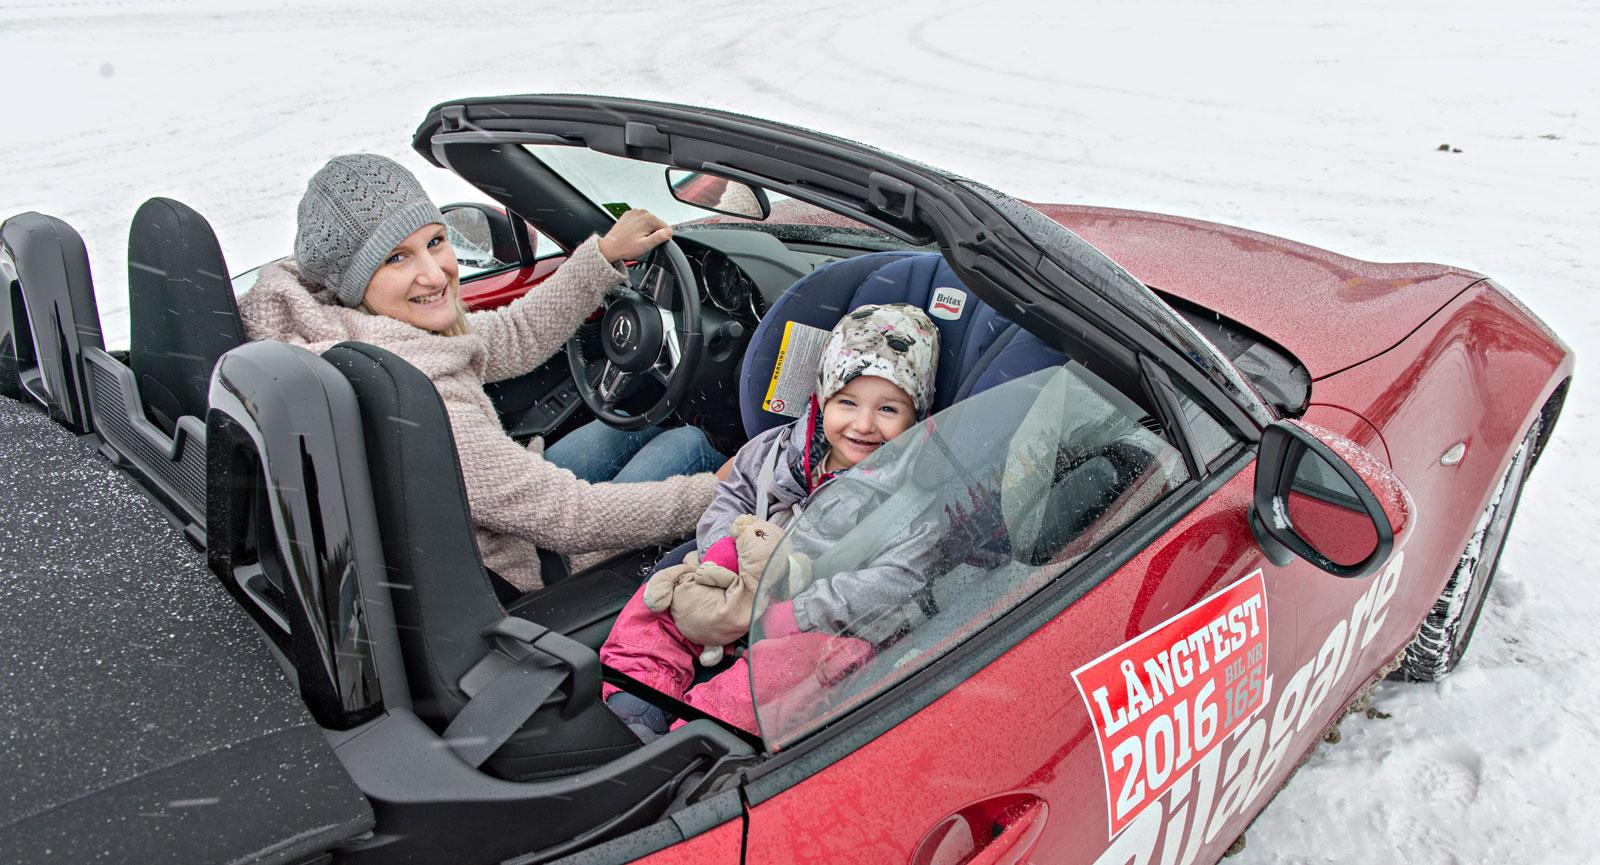 Friluftsliv. Mazda MX-5 är inte den bästa barnbilen, men ger kvalitetstid åt ett barn åt gången.